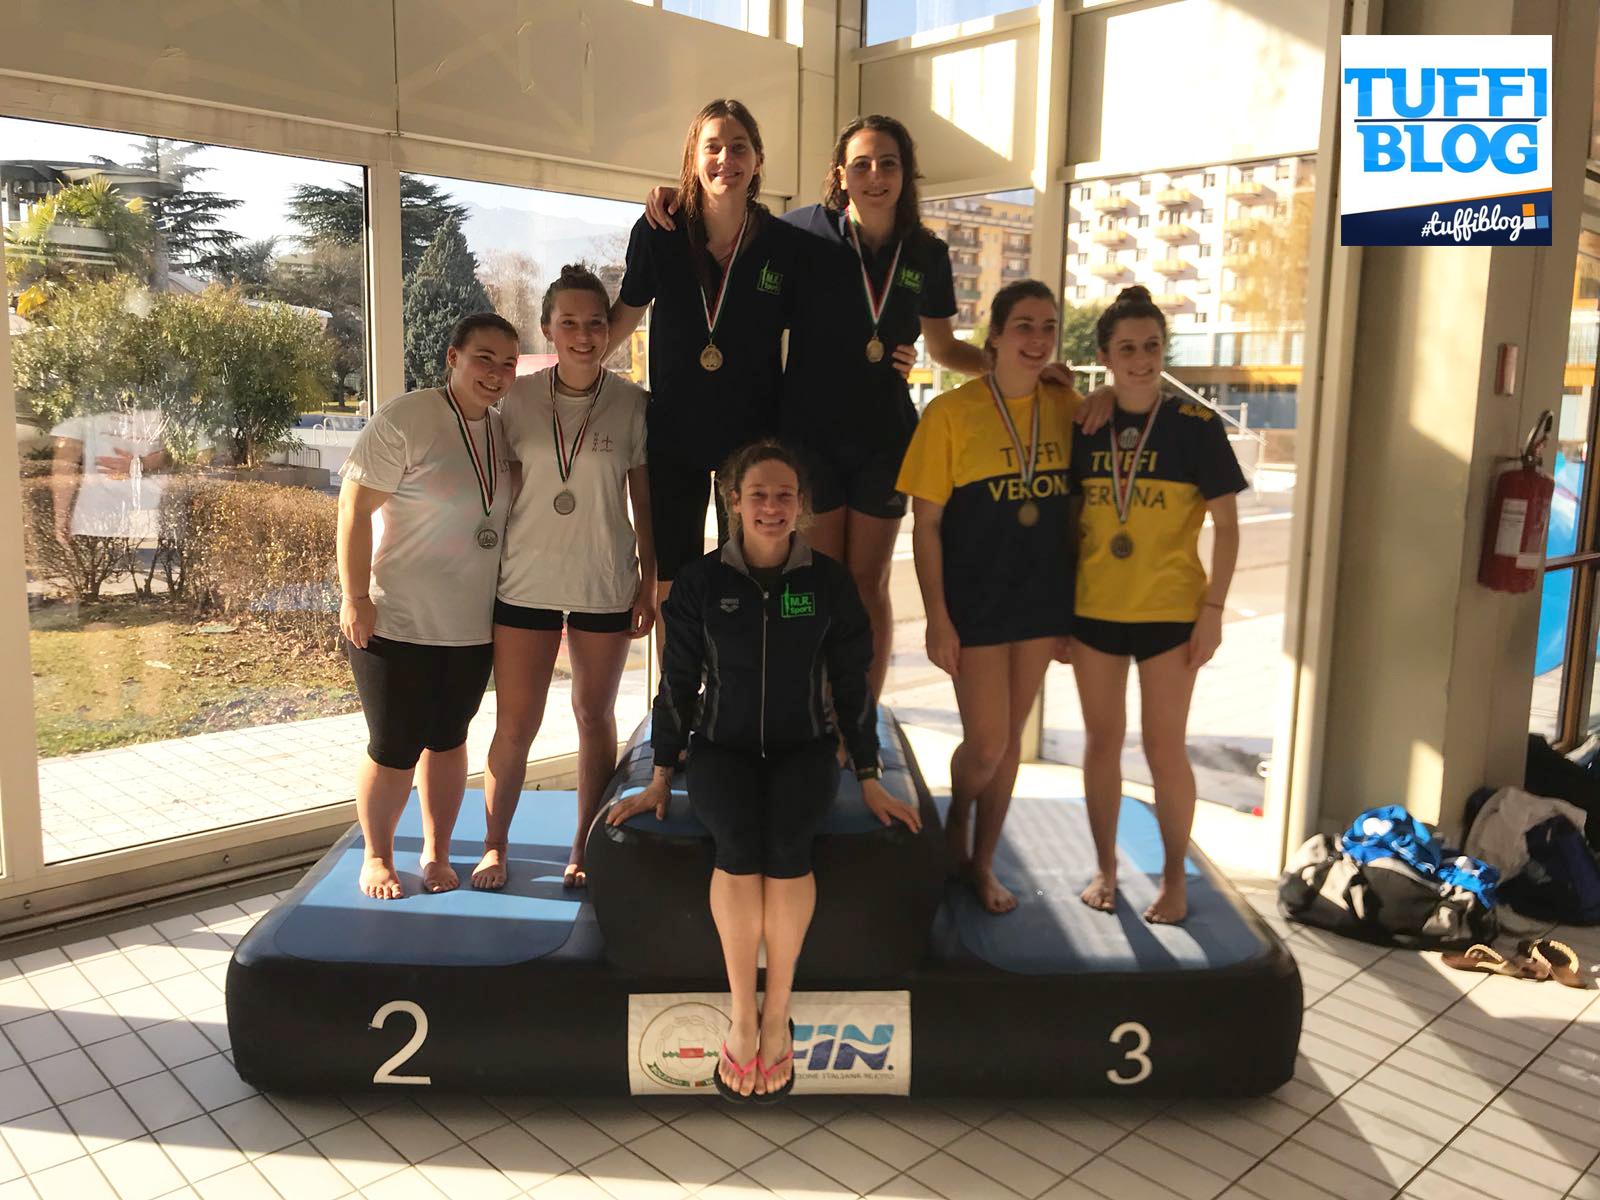 Campionati Italiani Master Indoor: Bolzano – i risultati della 2ª giornata